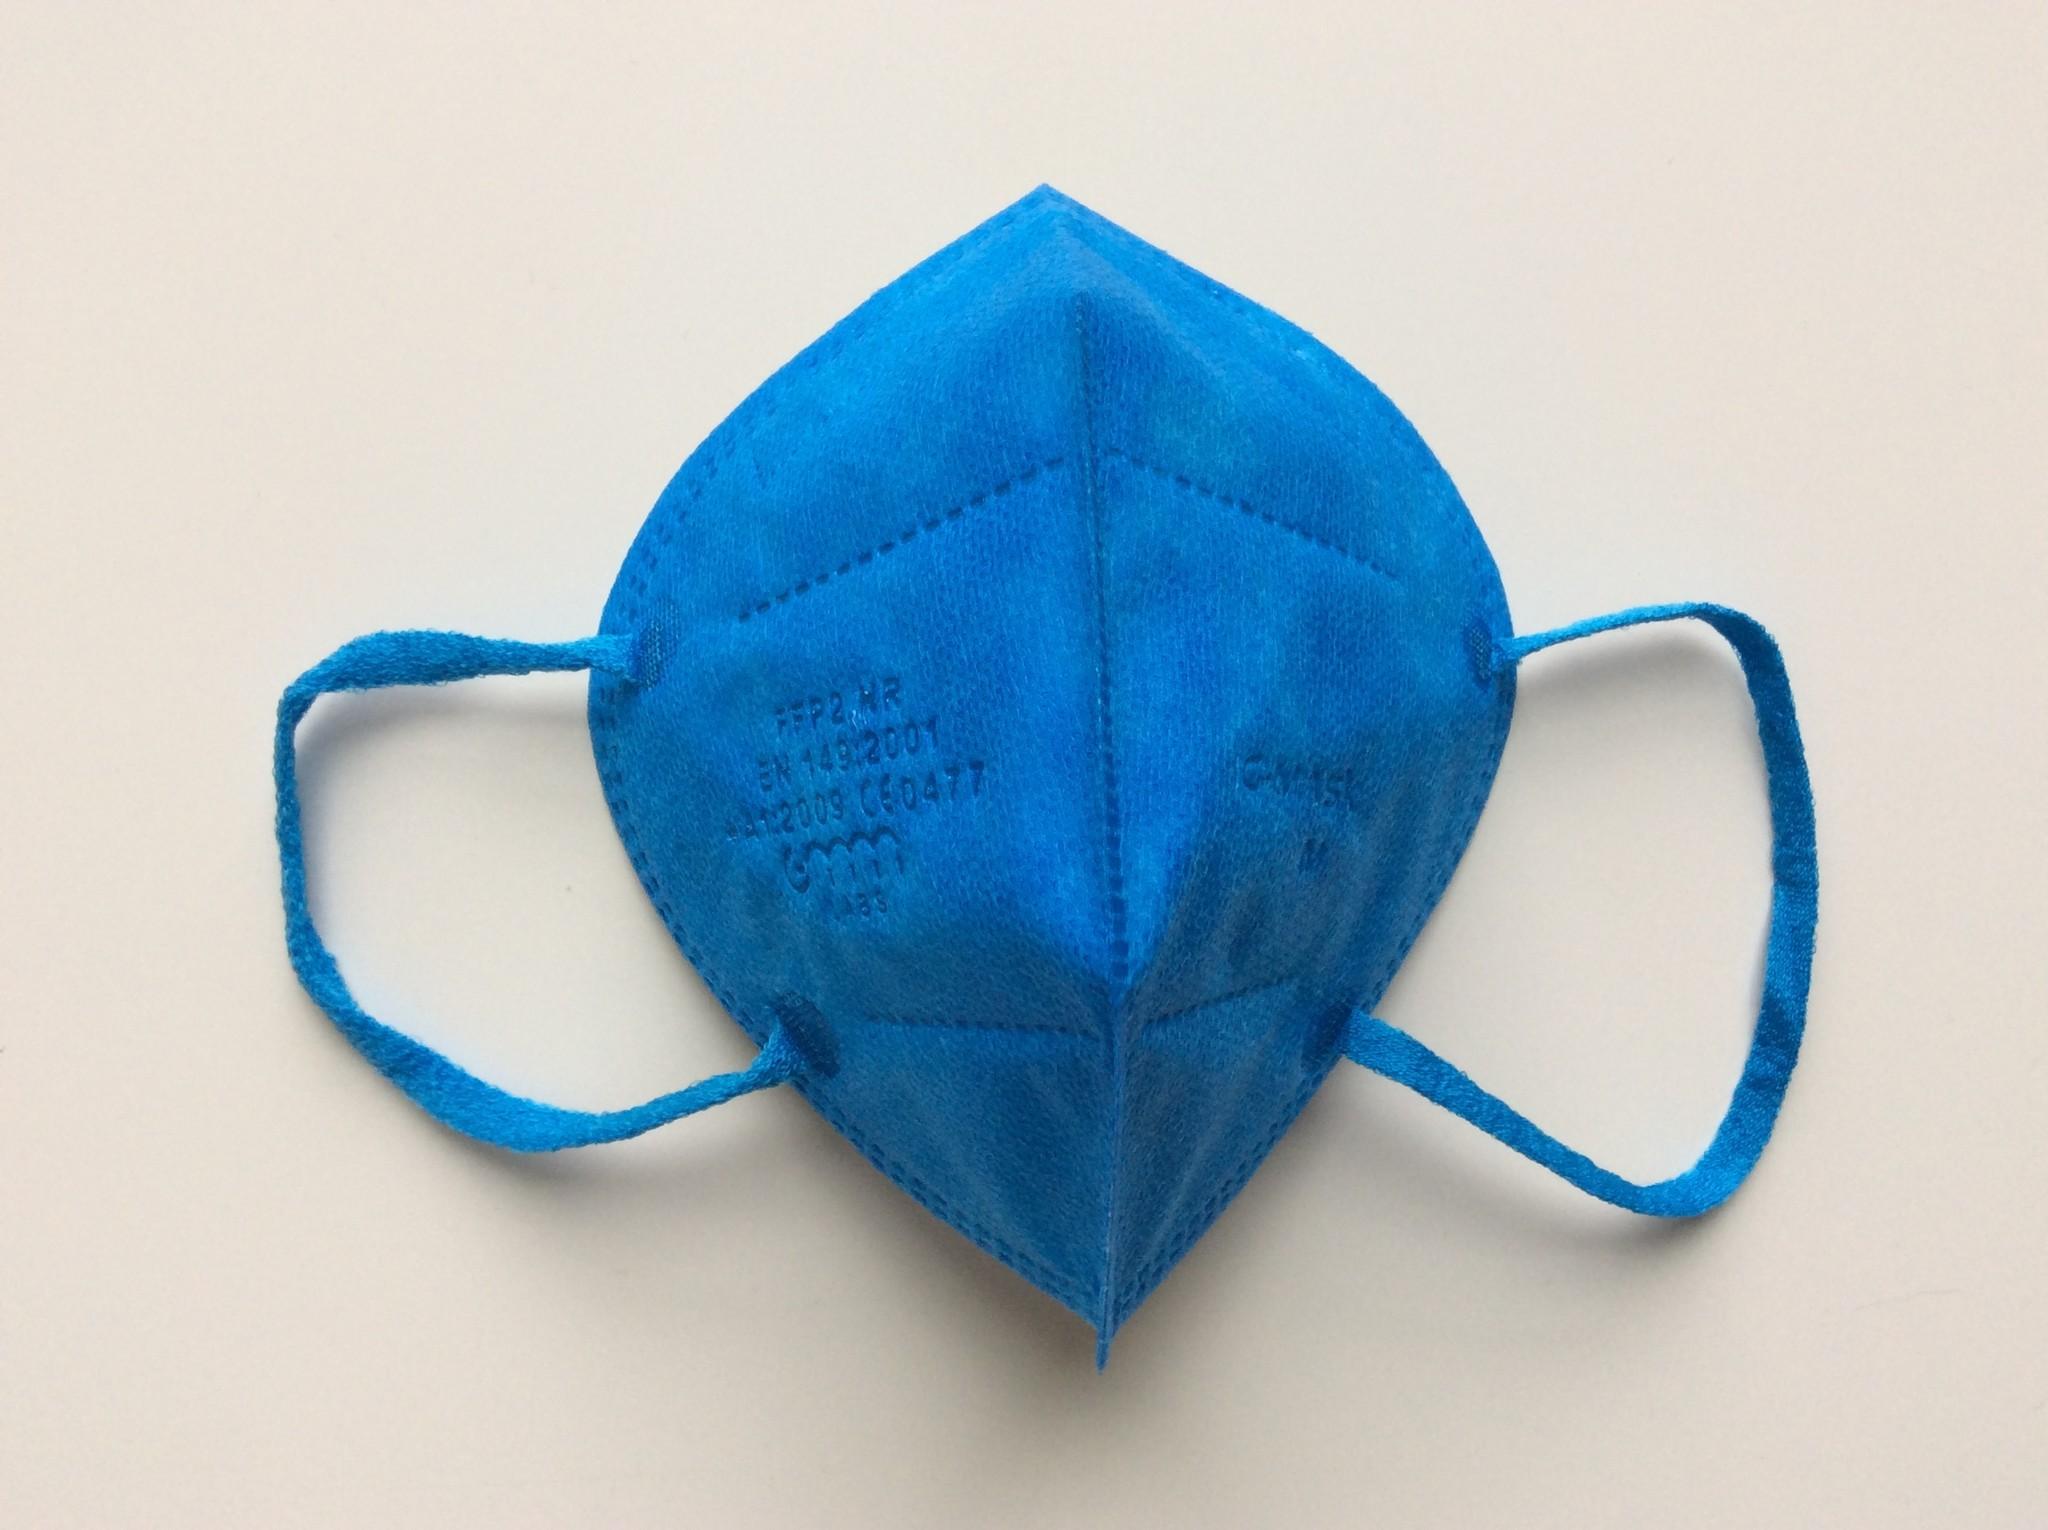 """IG-mask Masque IG """"FFP2"""" - Couleur Bleu - 20 pièces (2,49 par pièce)"""